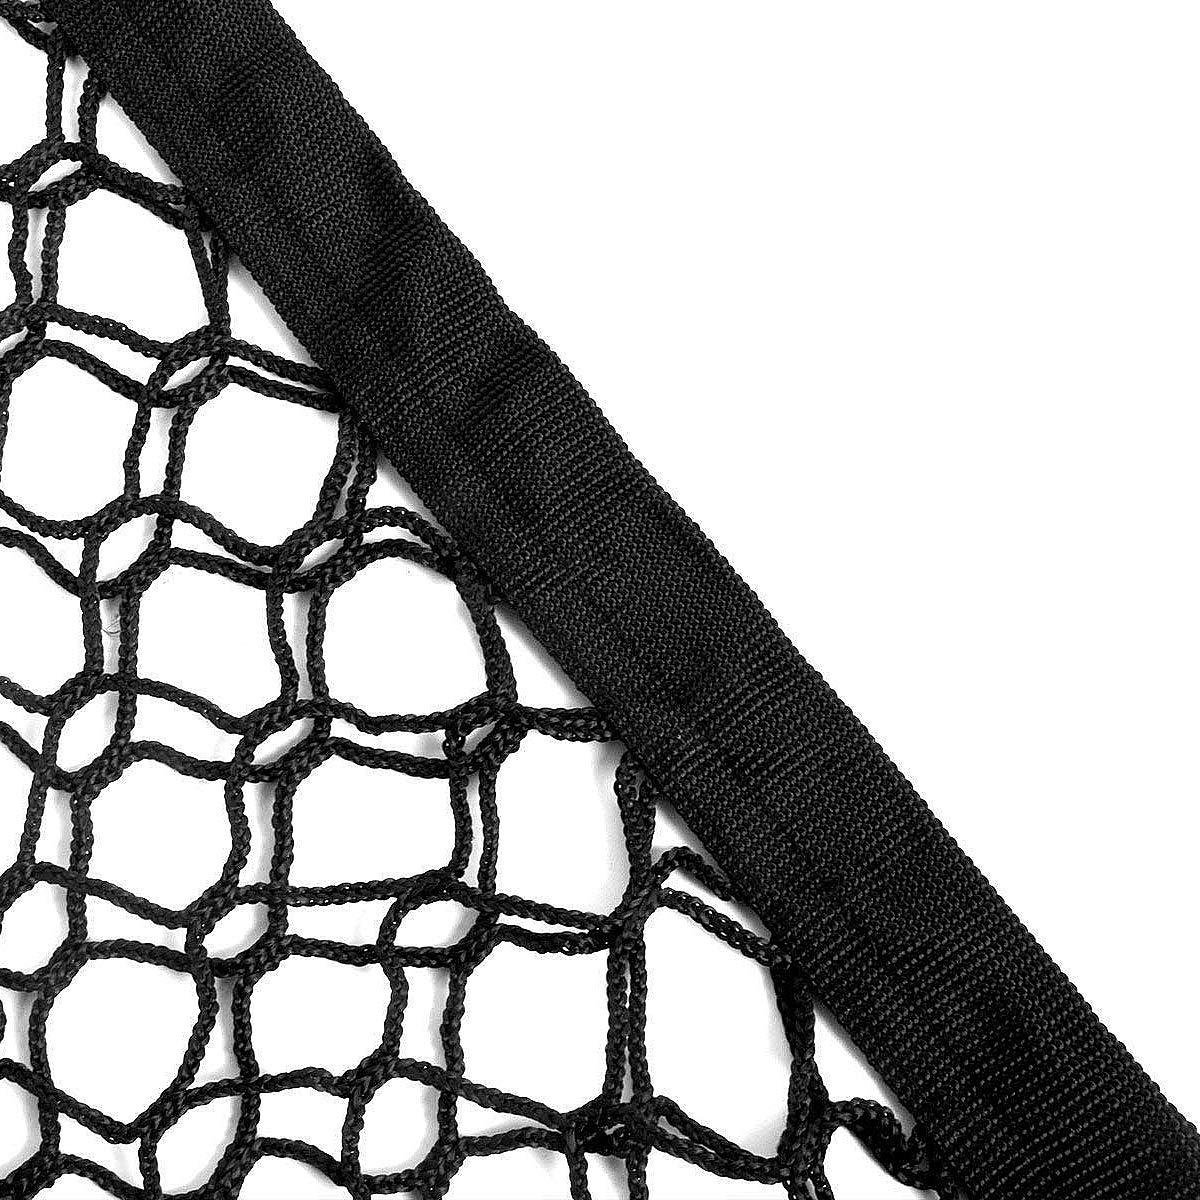 Ramassage 60 X 110 cm Organisateur De Coffre Ajustable Avec Coffre /élastique Filet Arri/ère Pour Voiture en Nylon Pour SUV Lit De Camion Auto Filet De Rangement